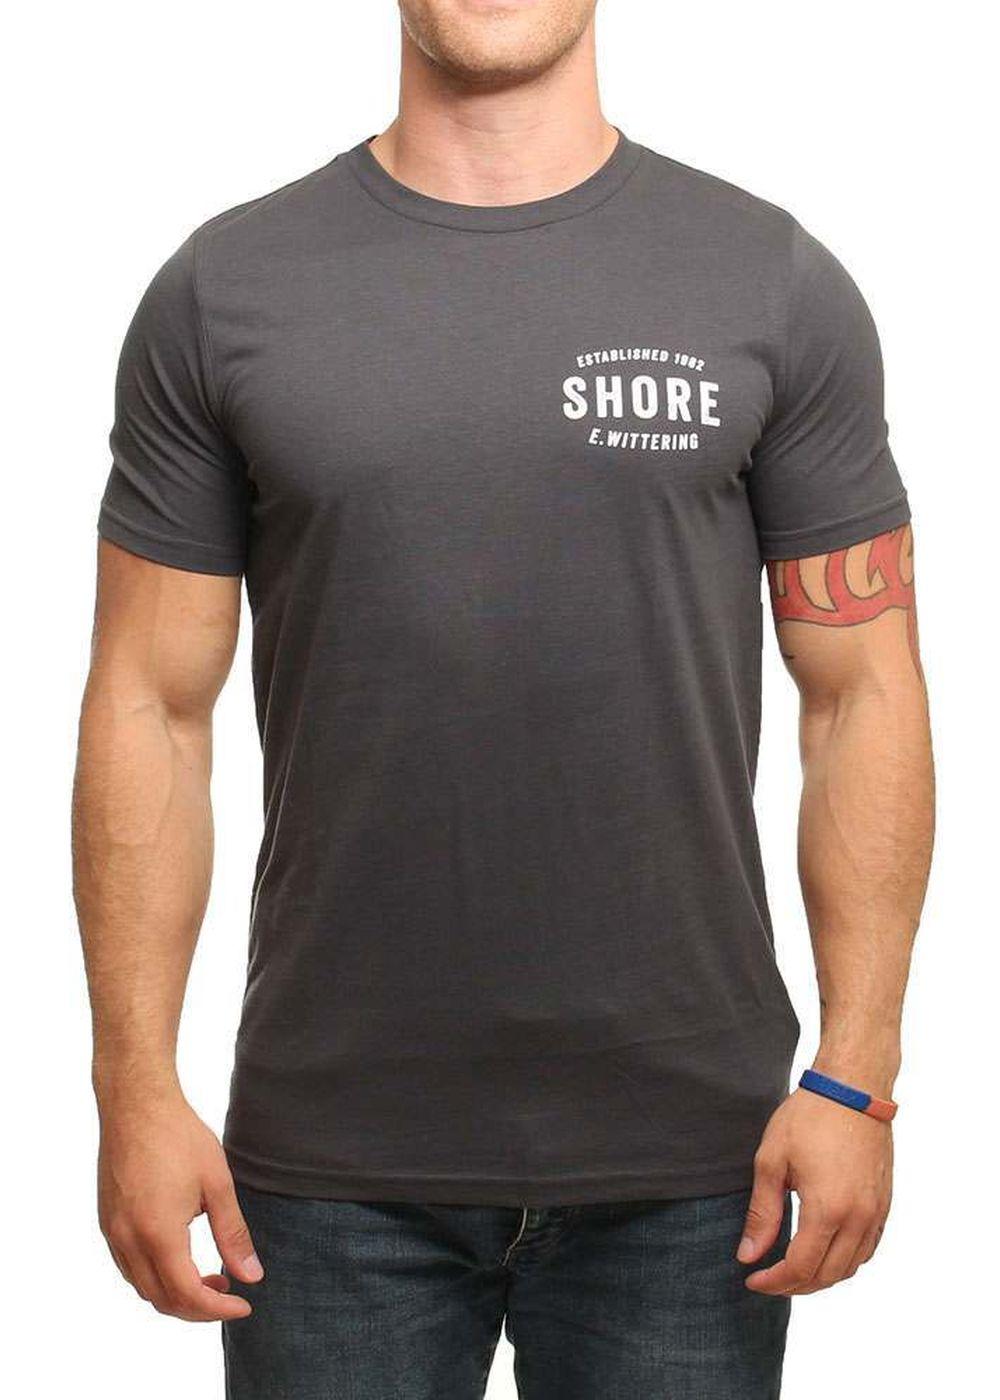 http://www.shore.co.uk/media/catalog/product/S/H/SHSECTDGa.jpg